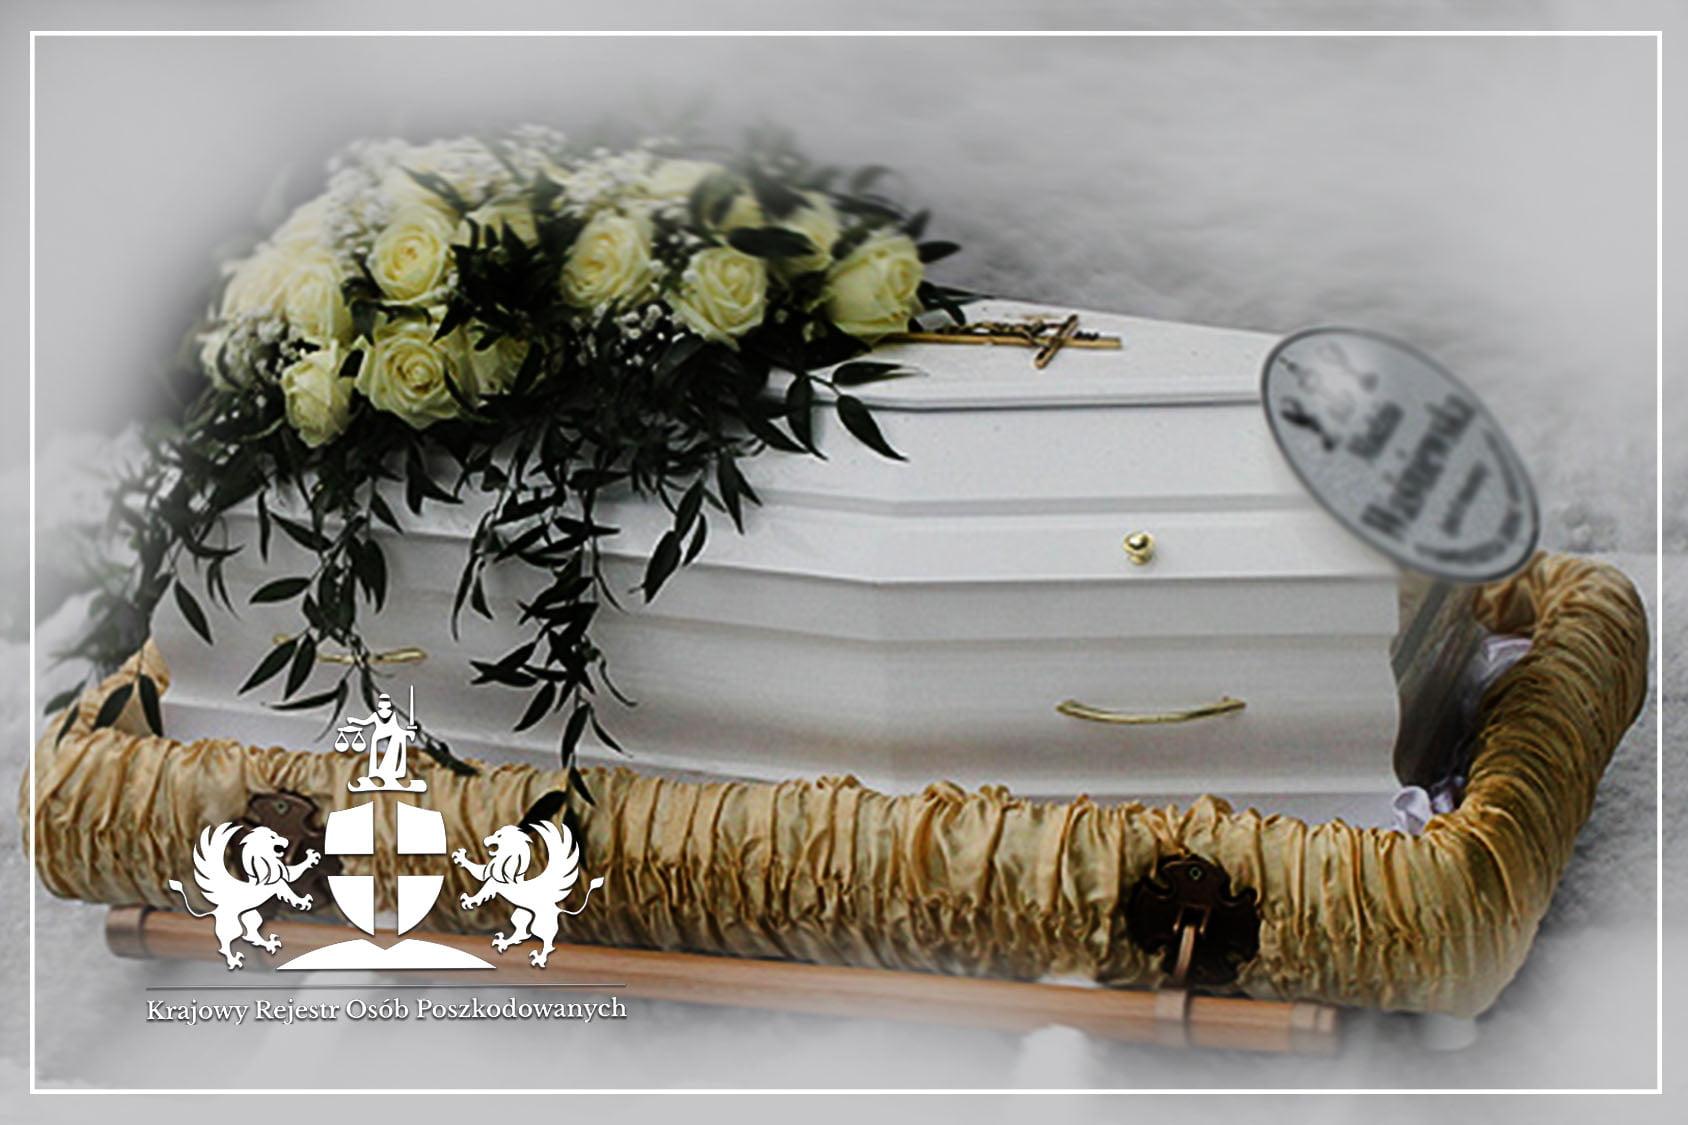 Śmierć dziecka po porodzie